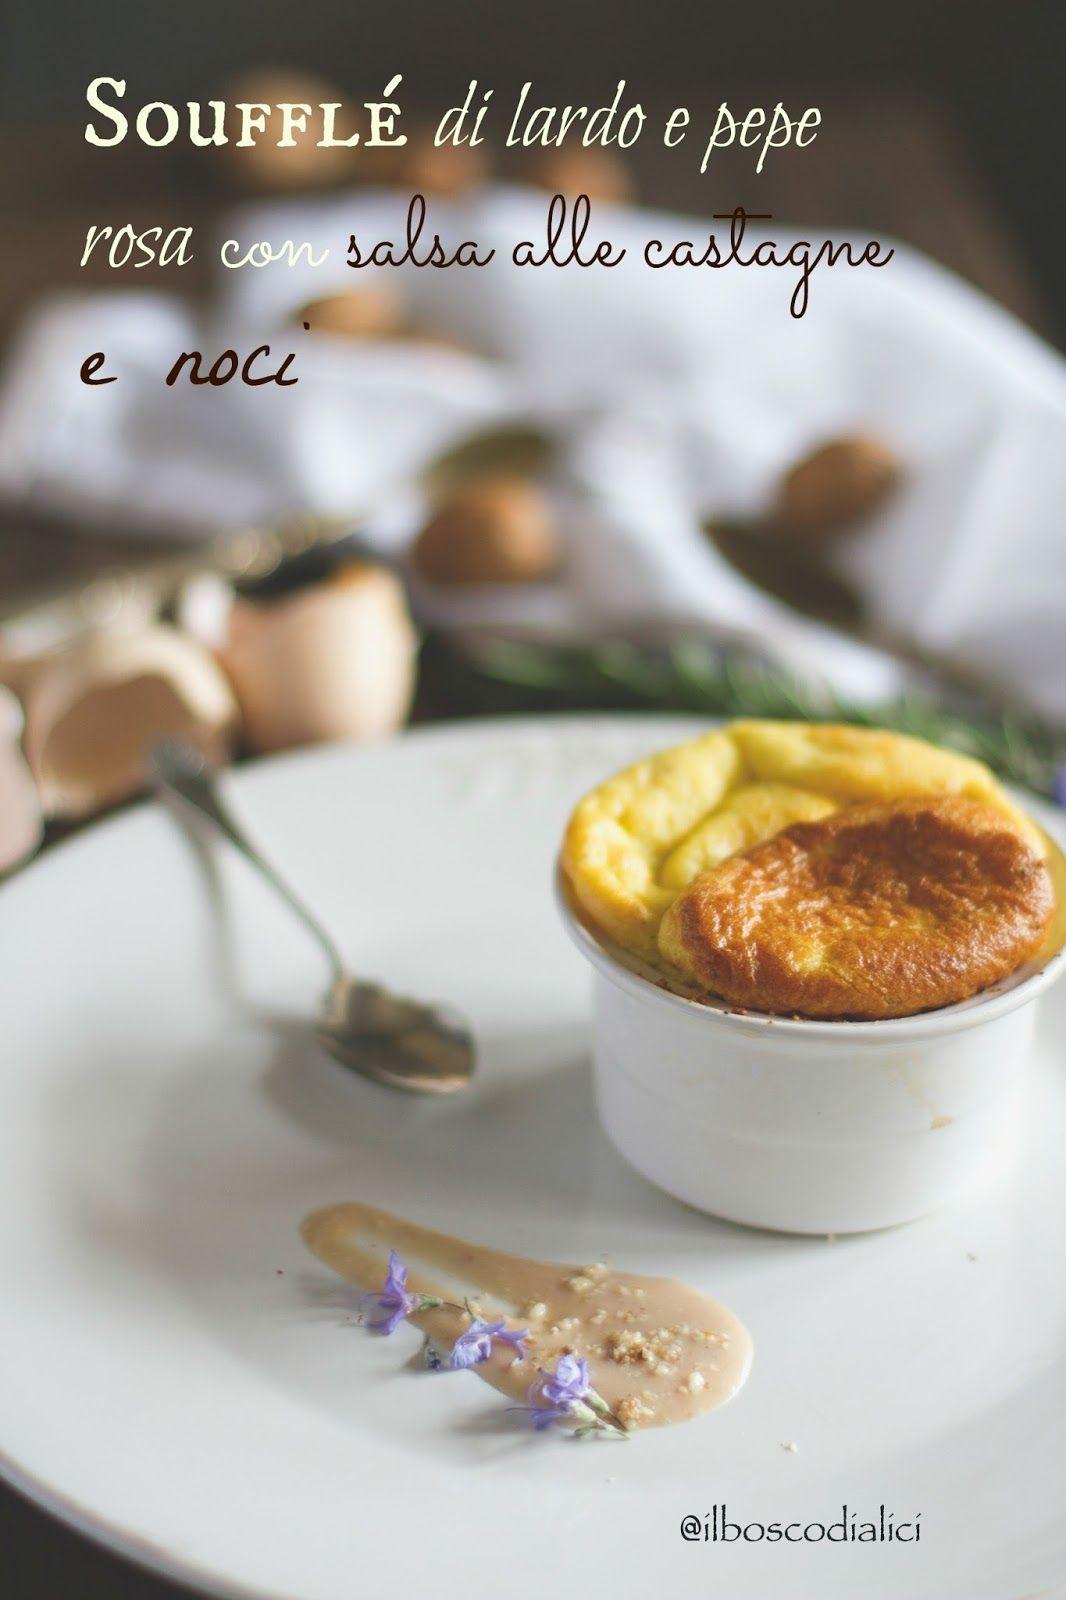 il bosco di alici: Soufflé di lardo e pepe rosa con salsa di castagne...